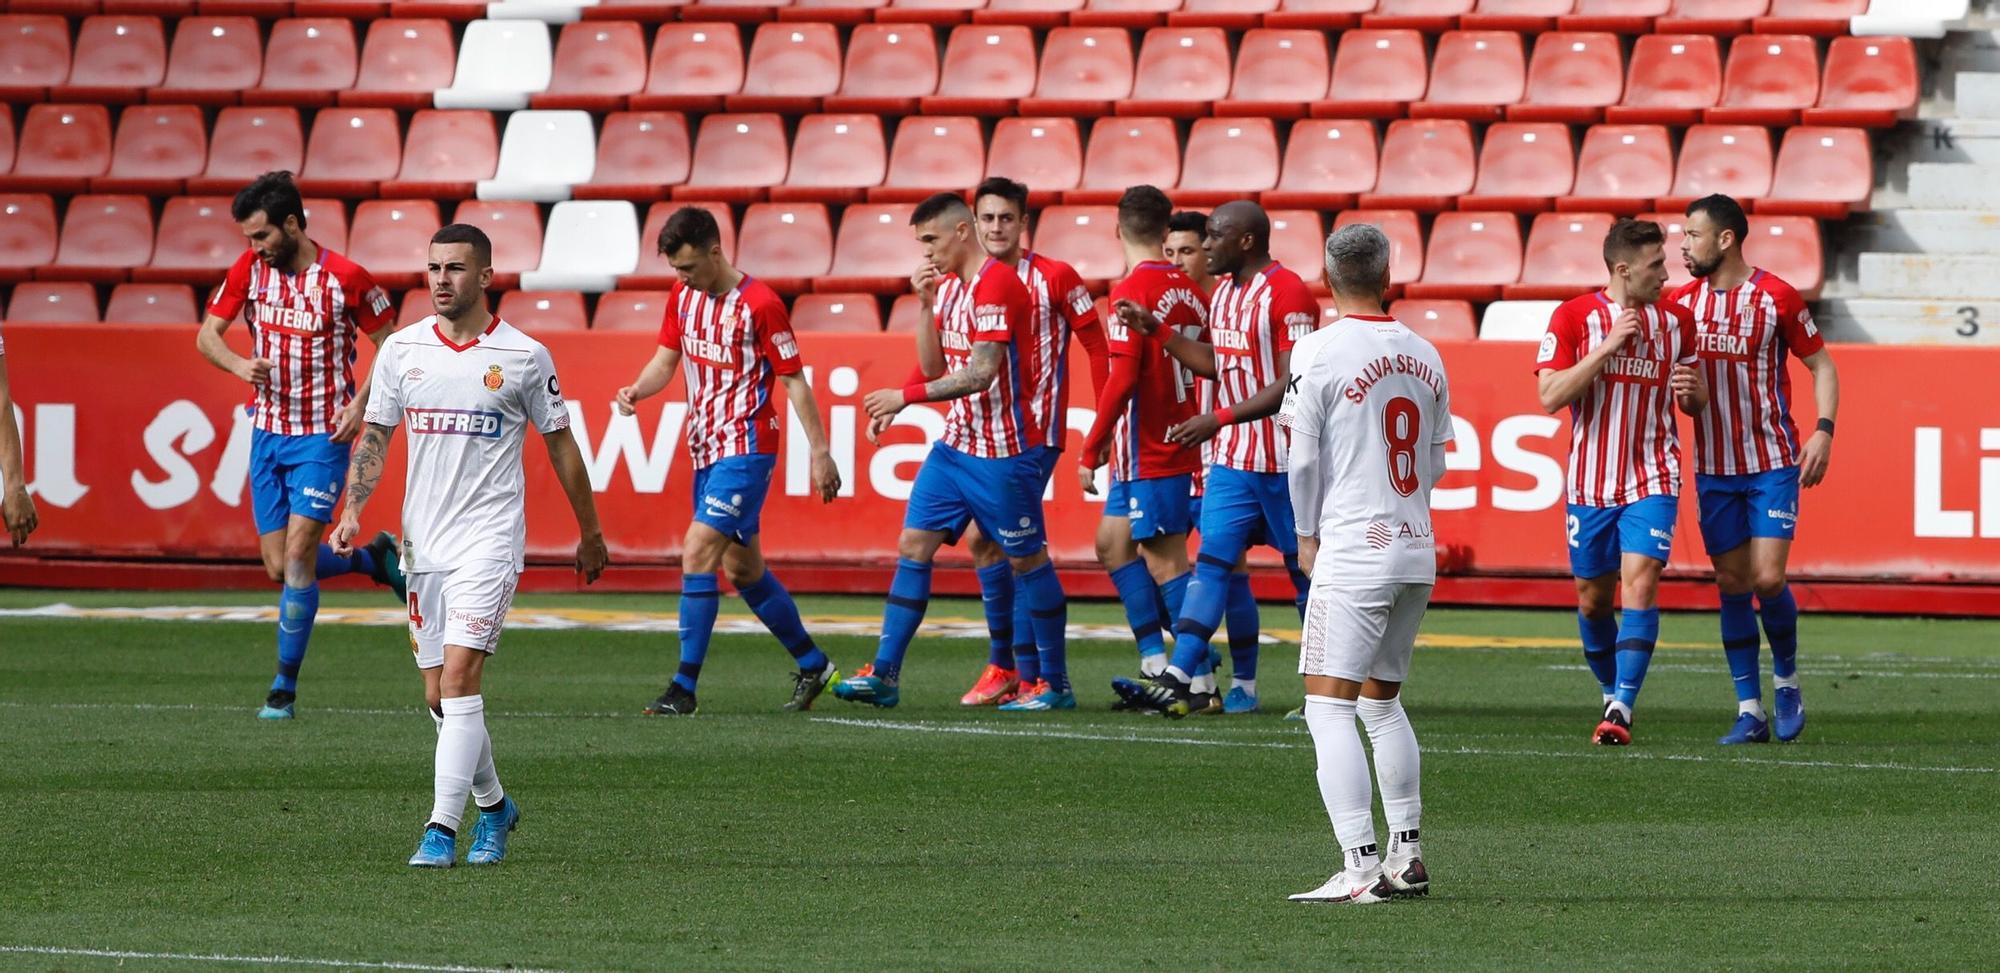 Justa primera derrota del Mallorca a domicilio